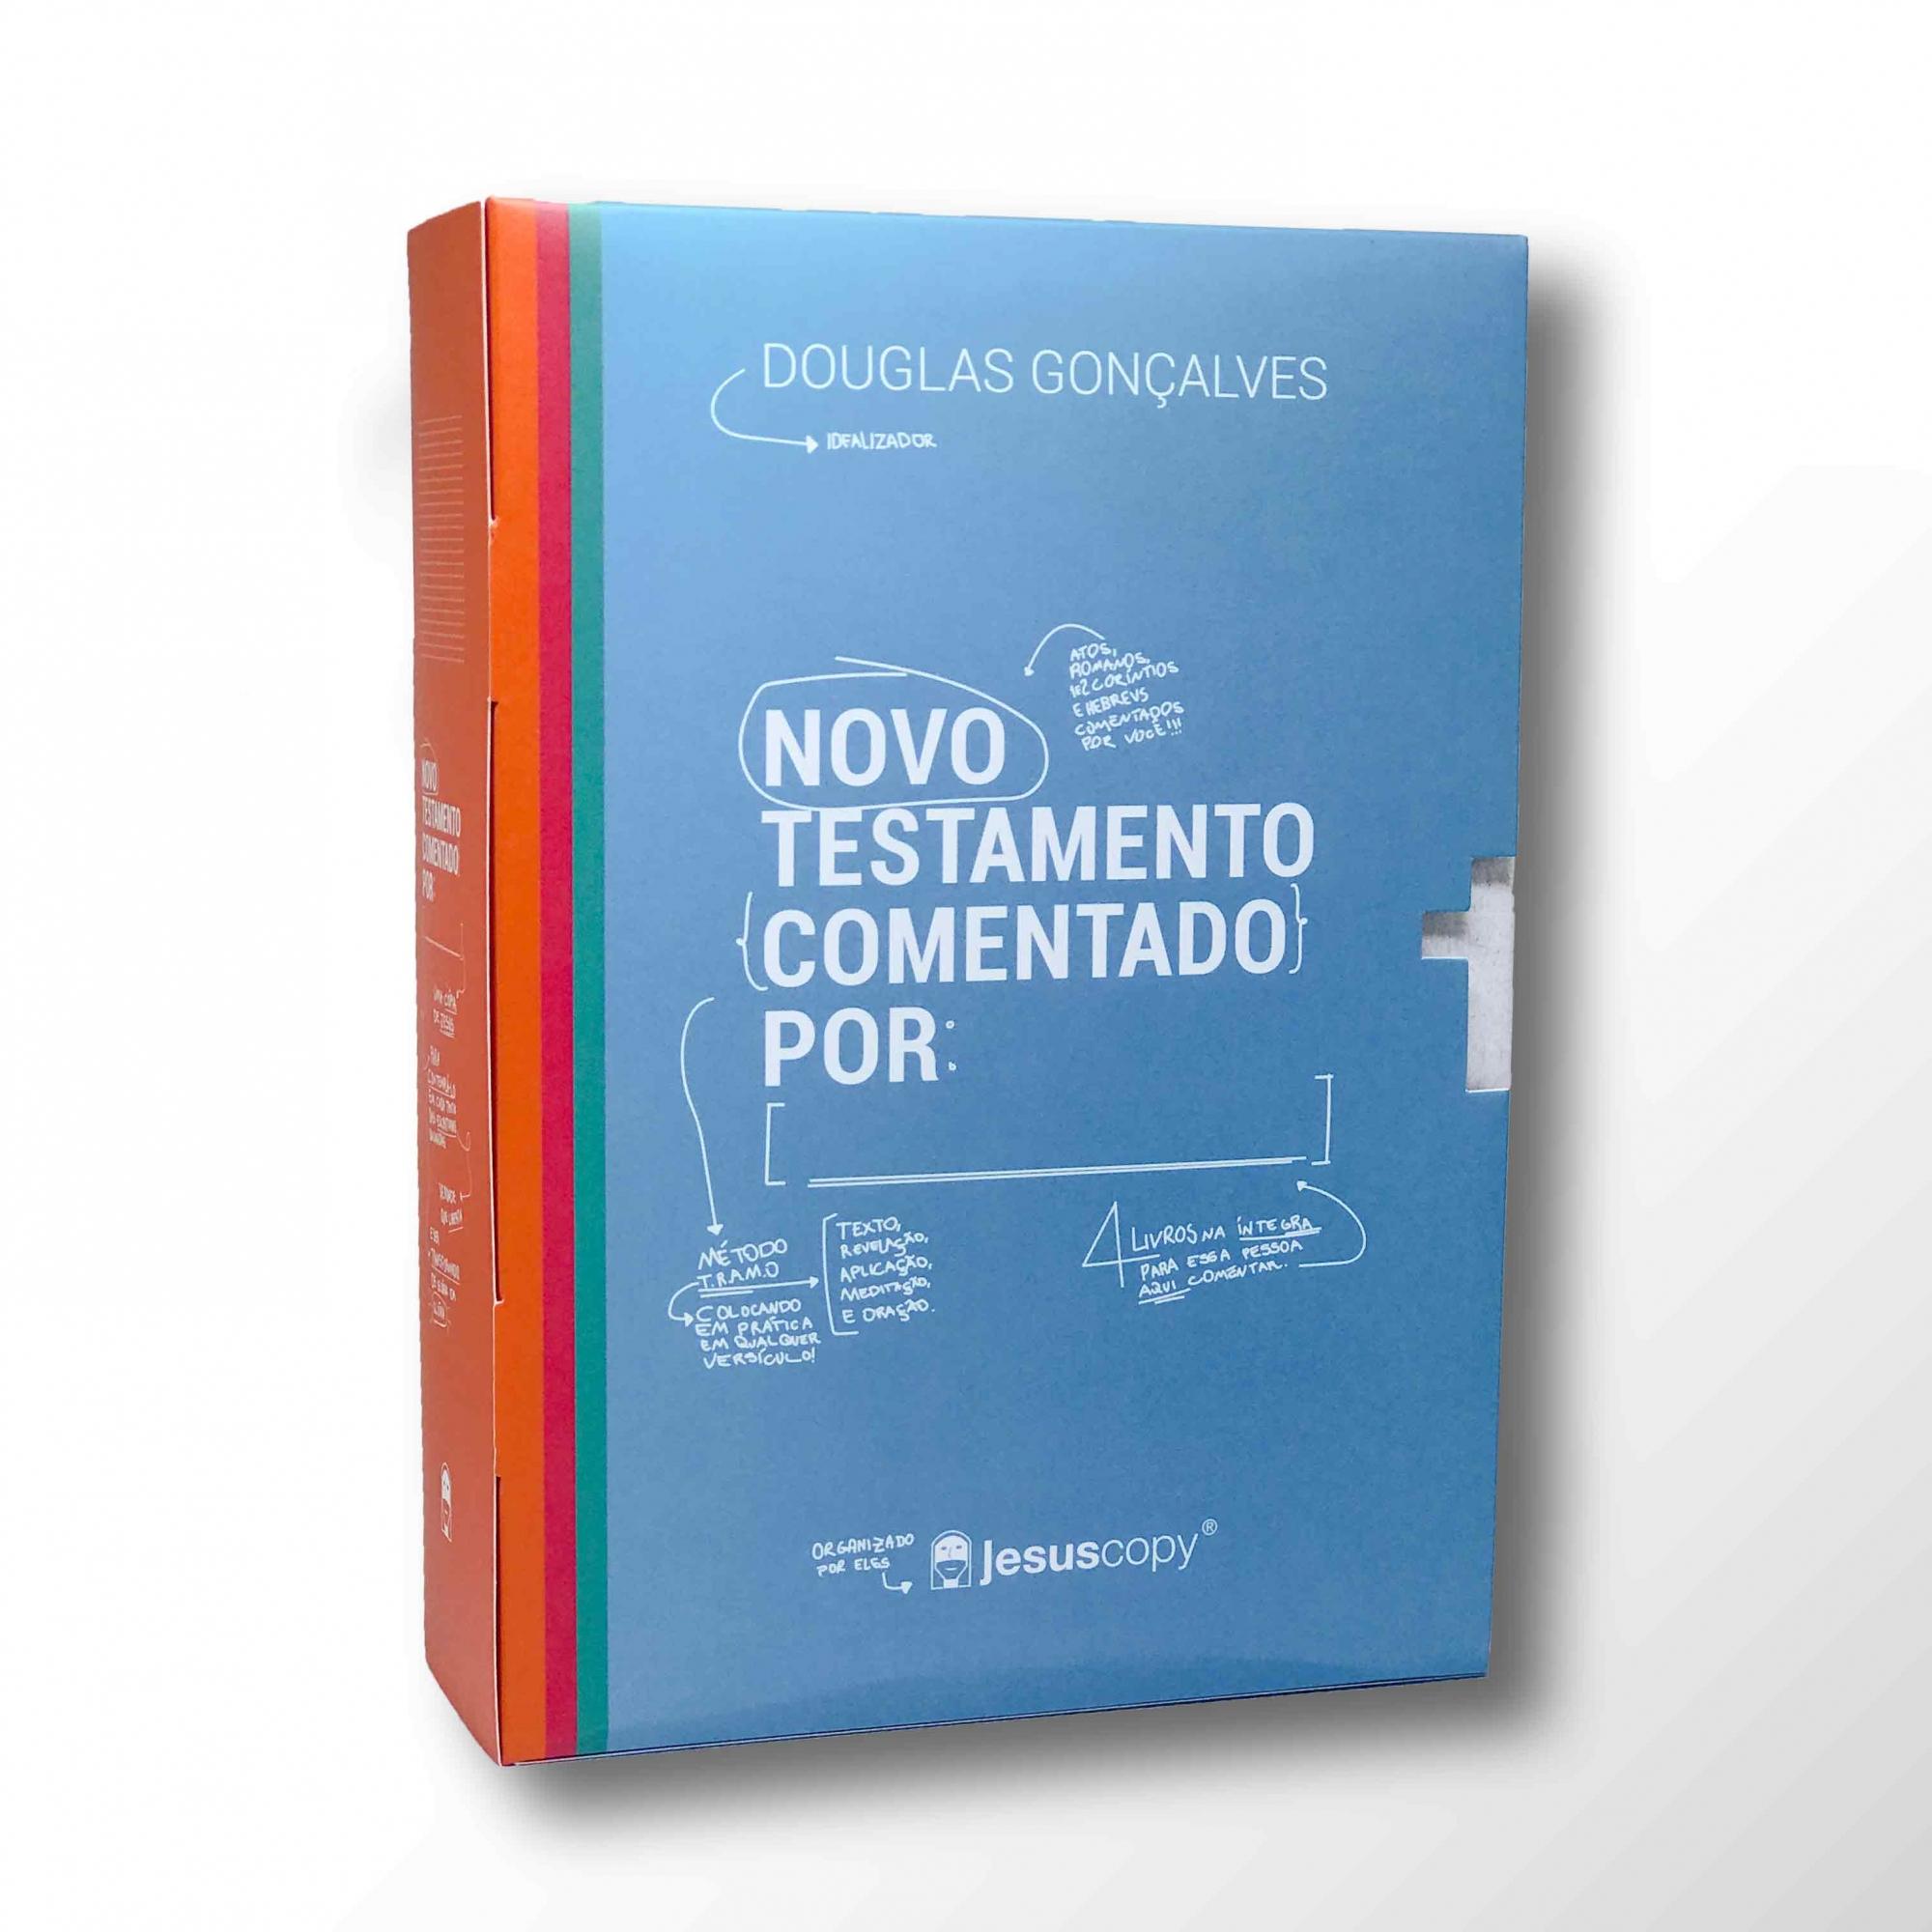 BOX NOVO TESTAMENTO COMENTADO POR (PART. 1) - Frete Grátis